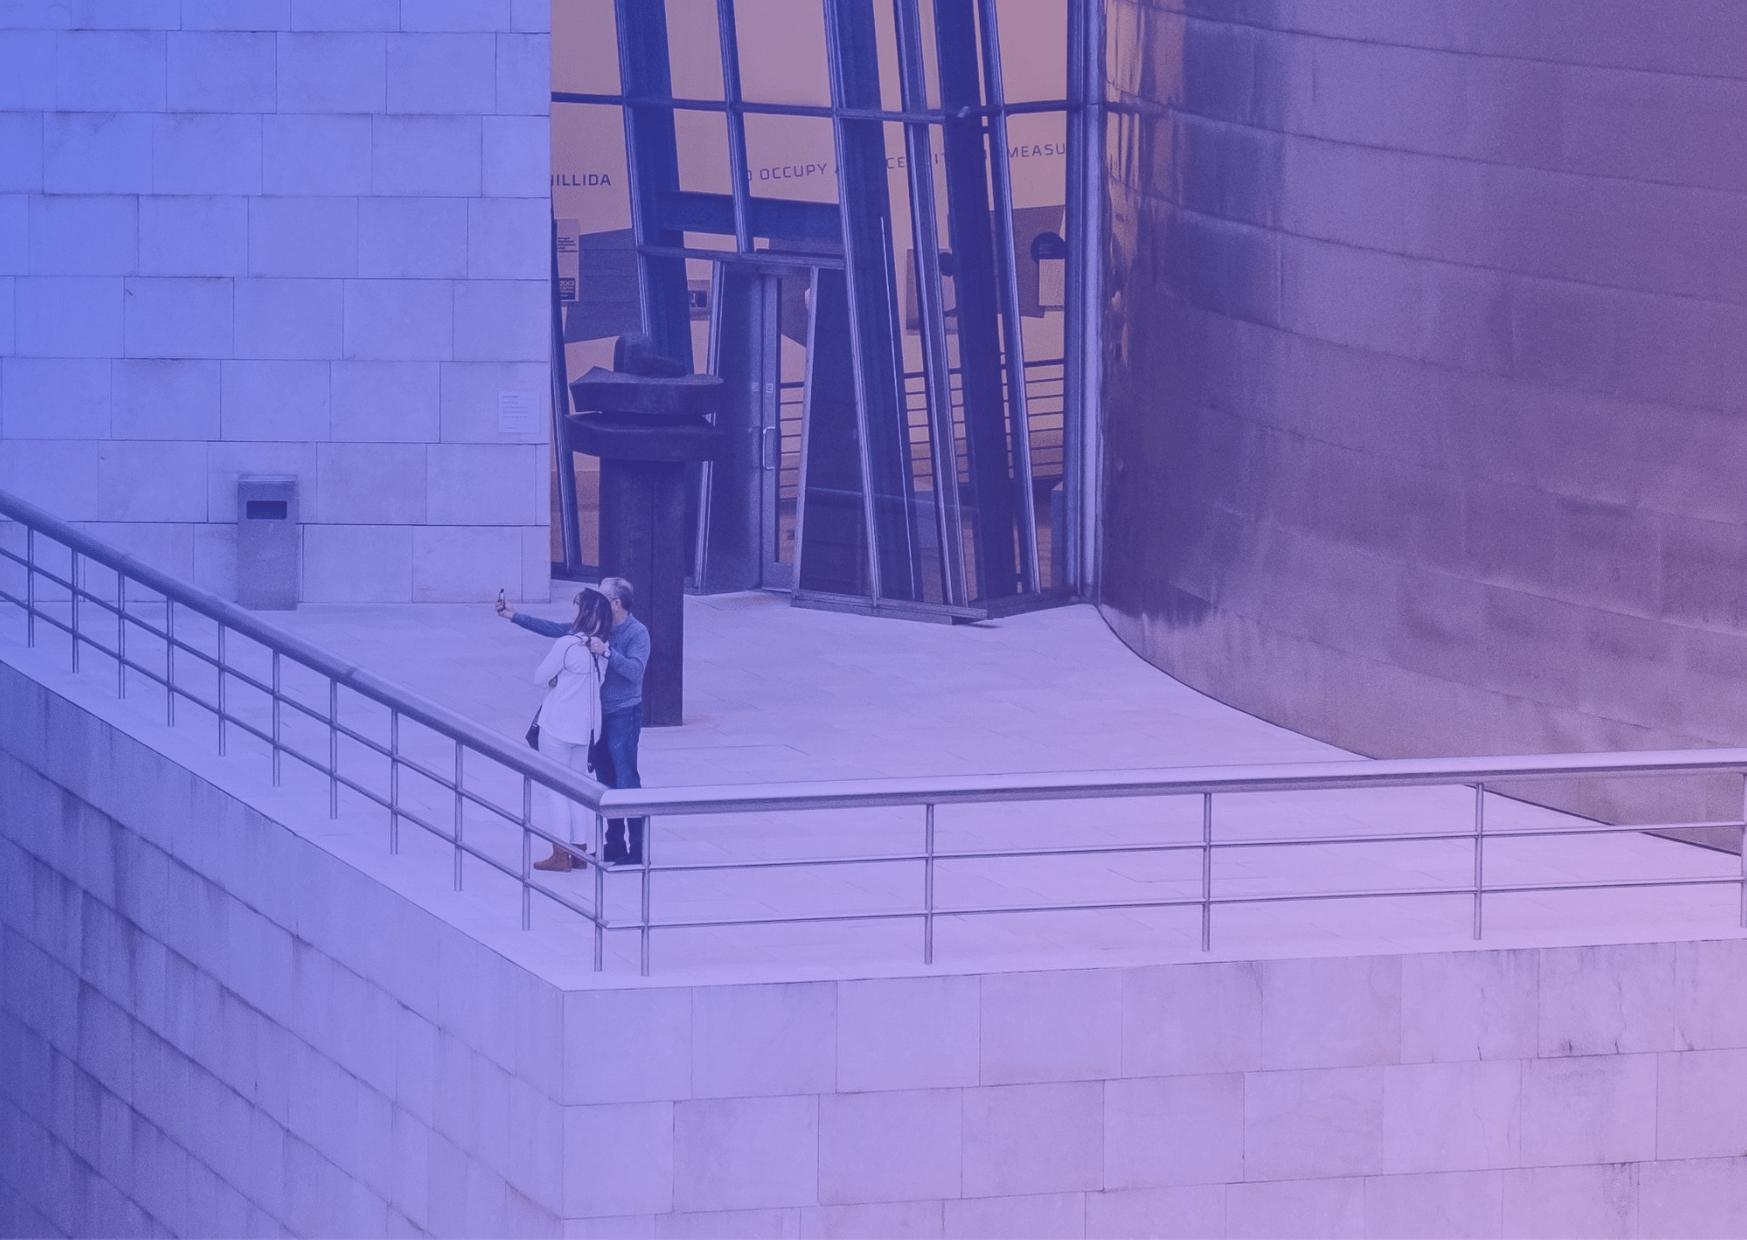 La pyramide de Maslow appliquée à une exposition